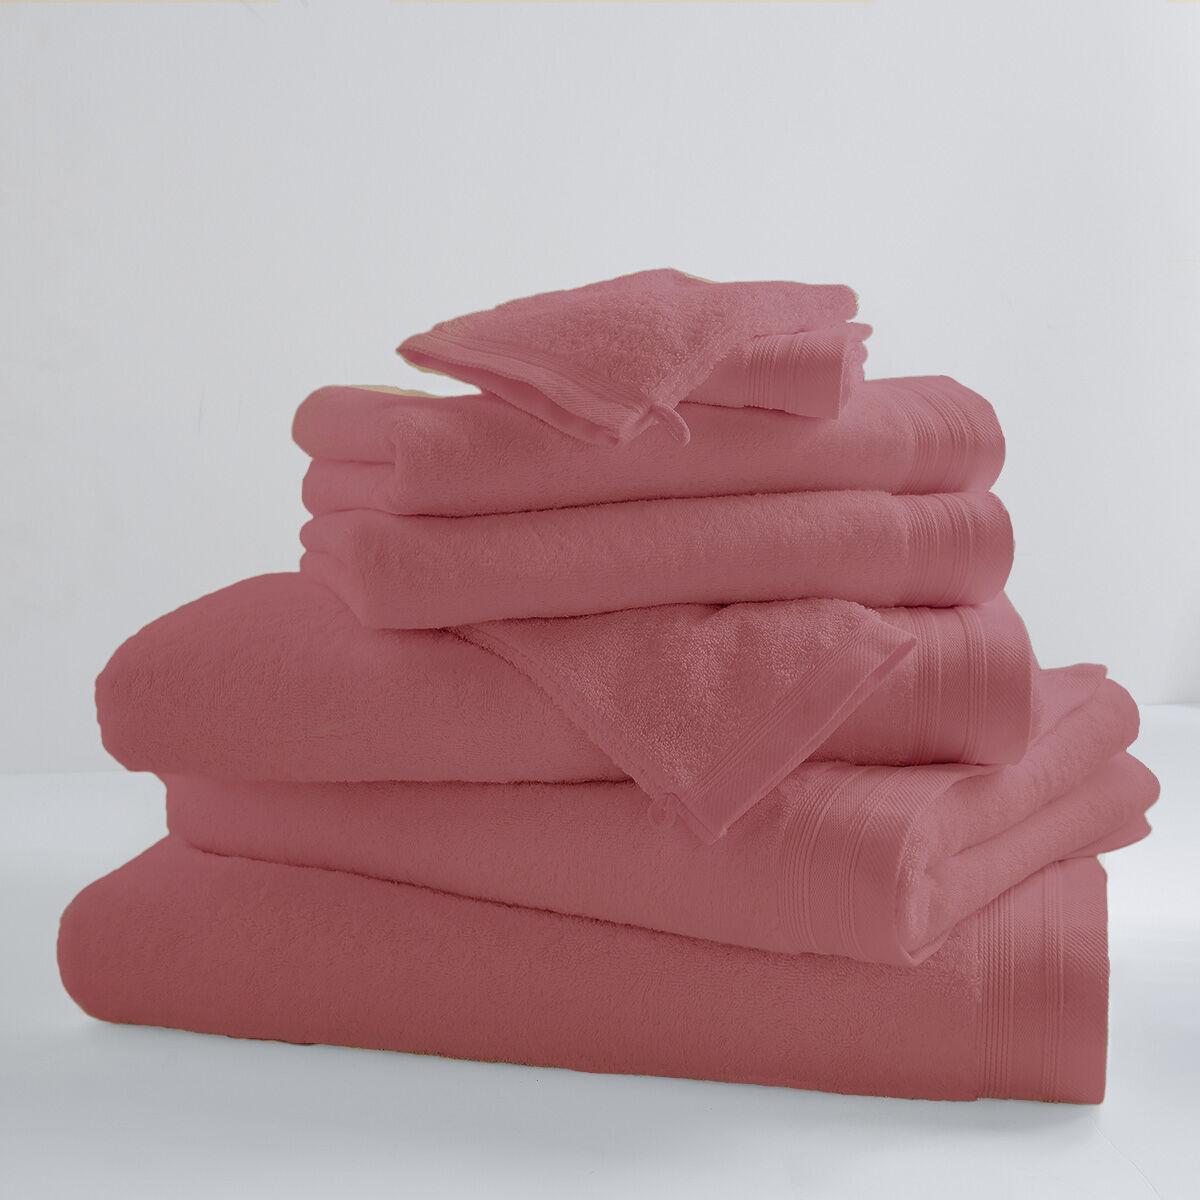 Home Bain Drap de bain uni et coloré coton guimauve 150x100